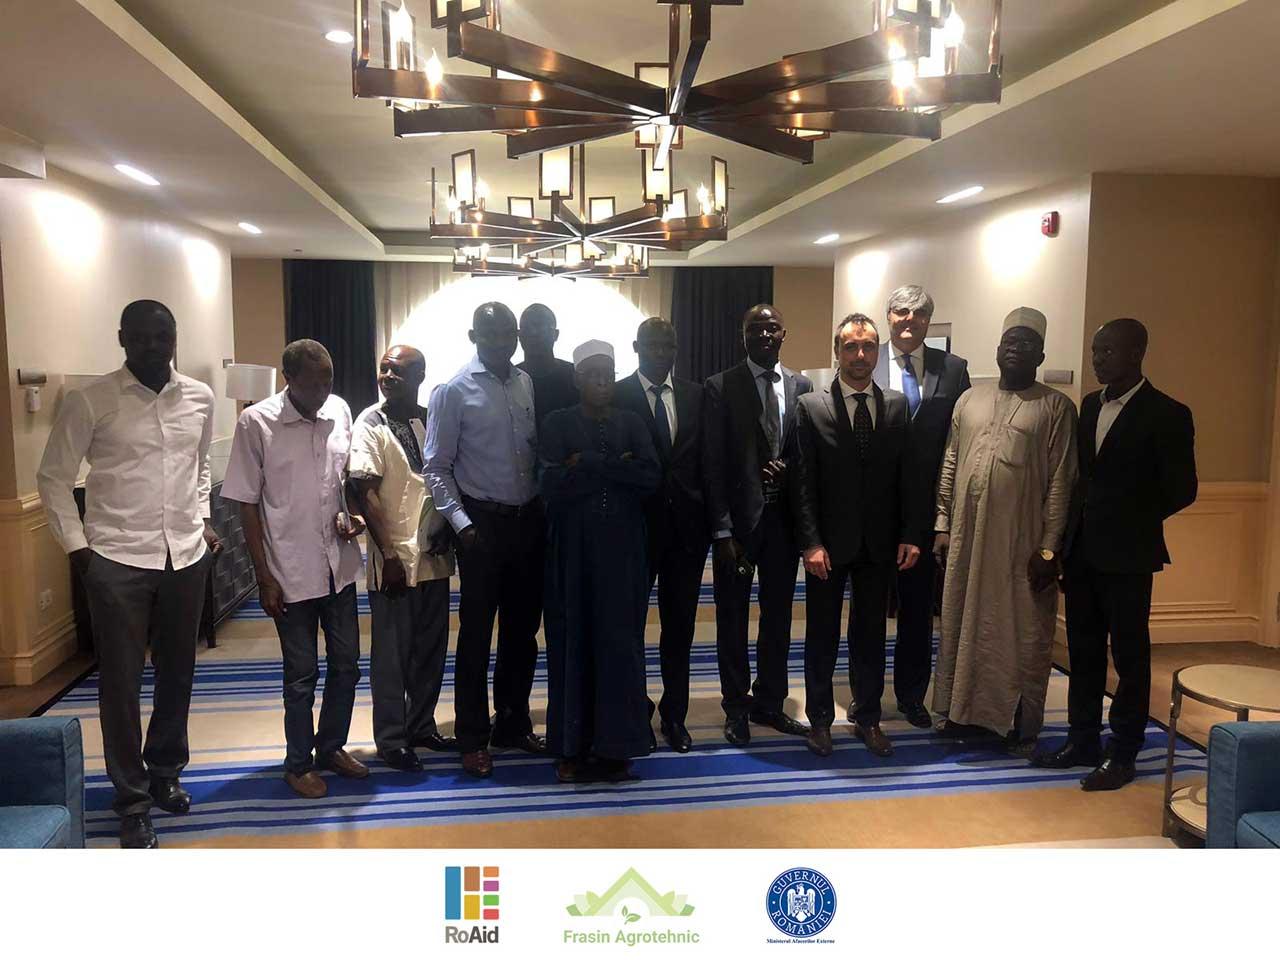 asocierea producătorilor de manioc, susan, soia și nuci de caju în Ciad